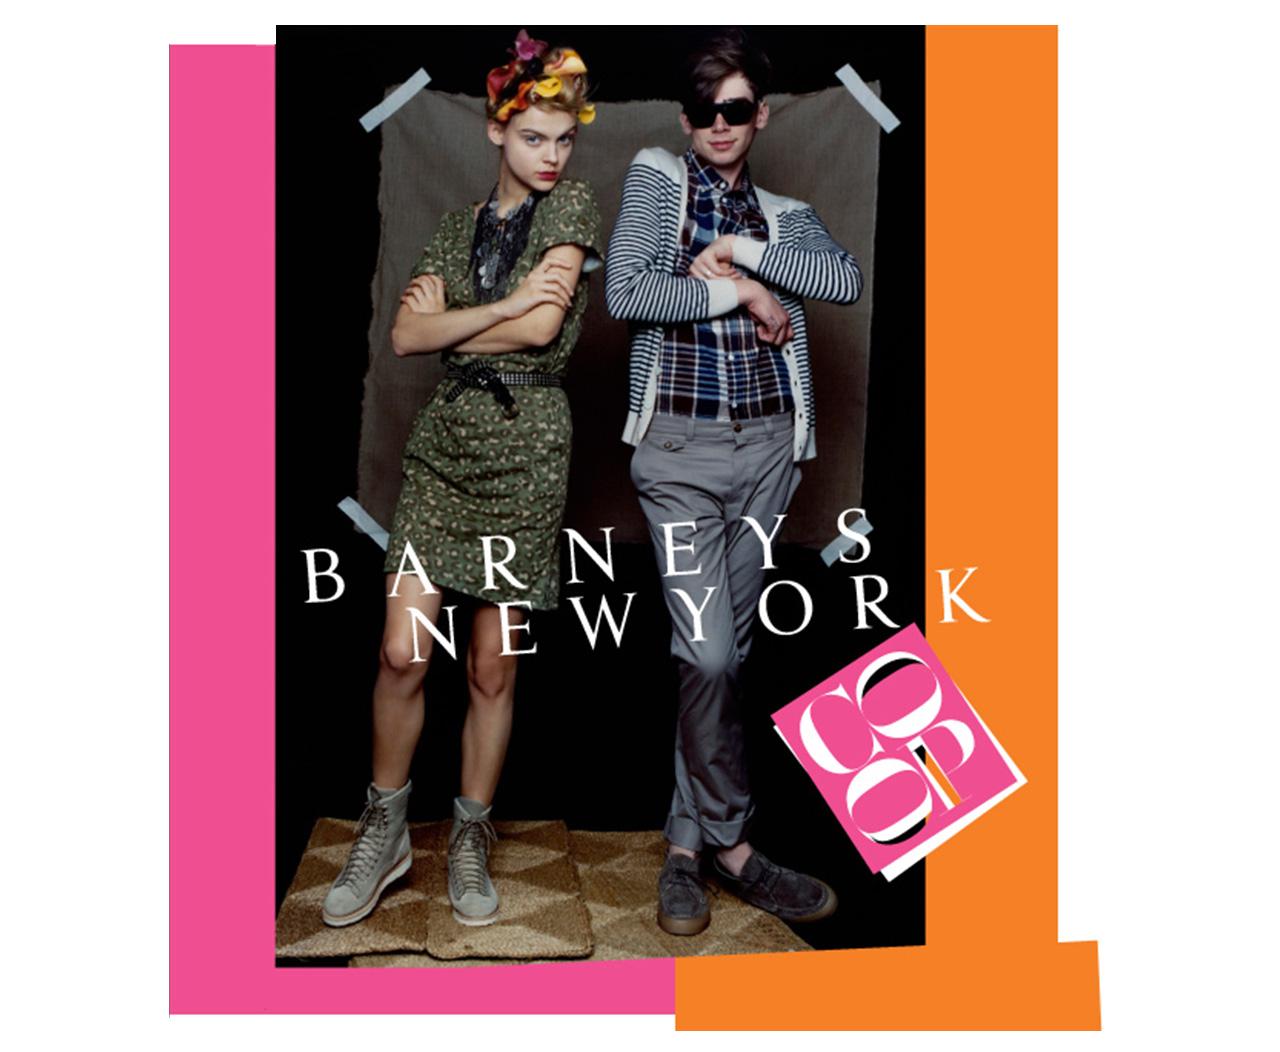 Barneys New York - Callie Kant